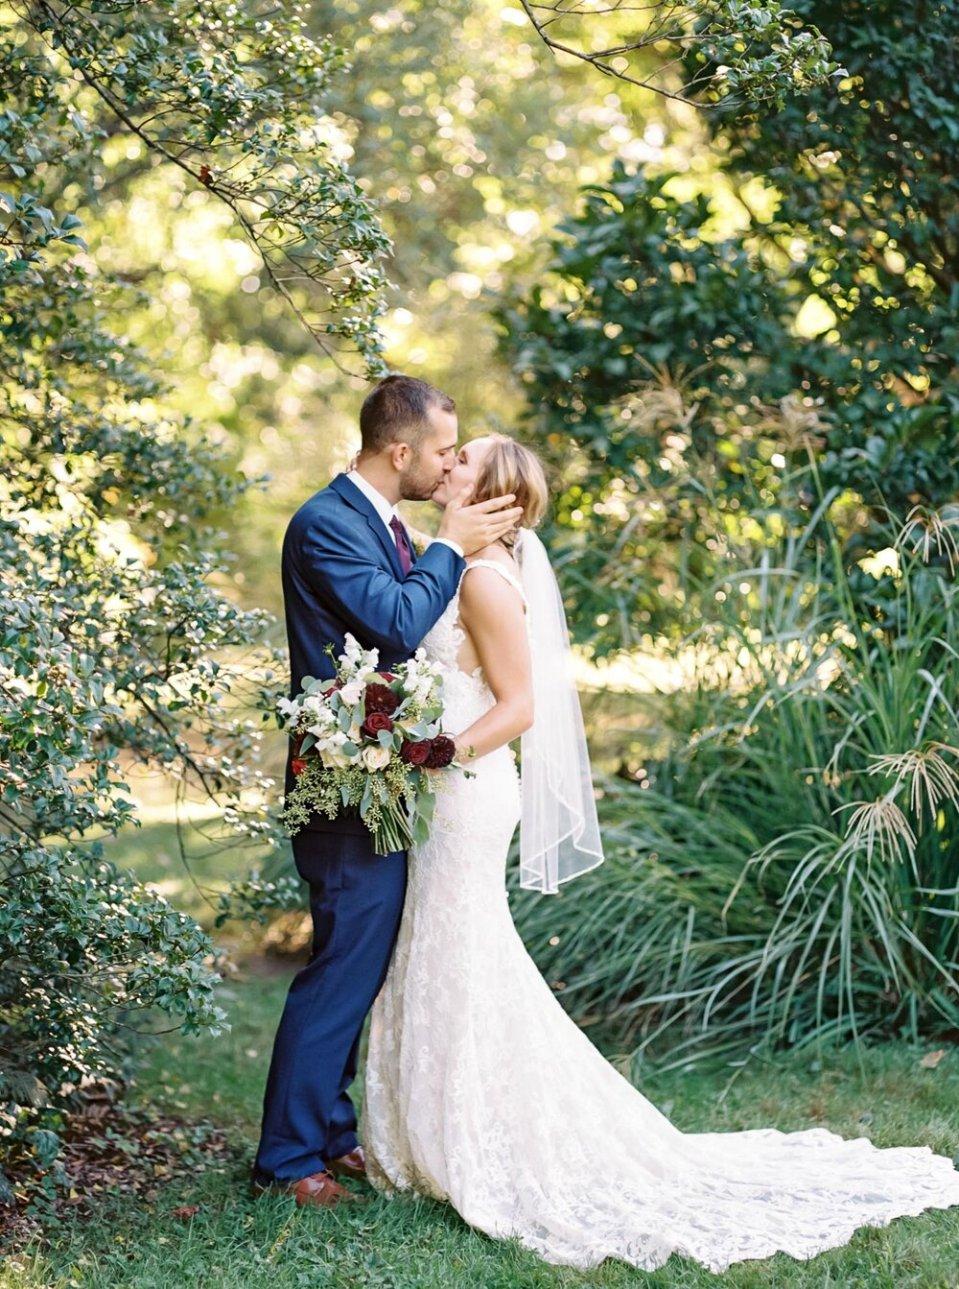 Crago Farms Wedding Photos Columbus Ohio-419.jpg